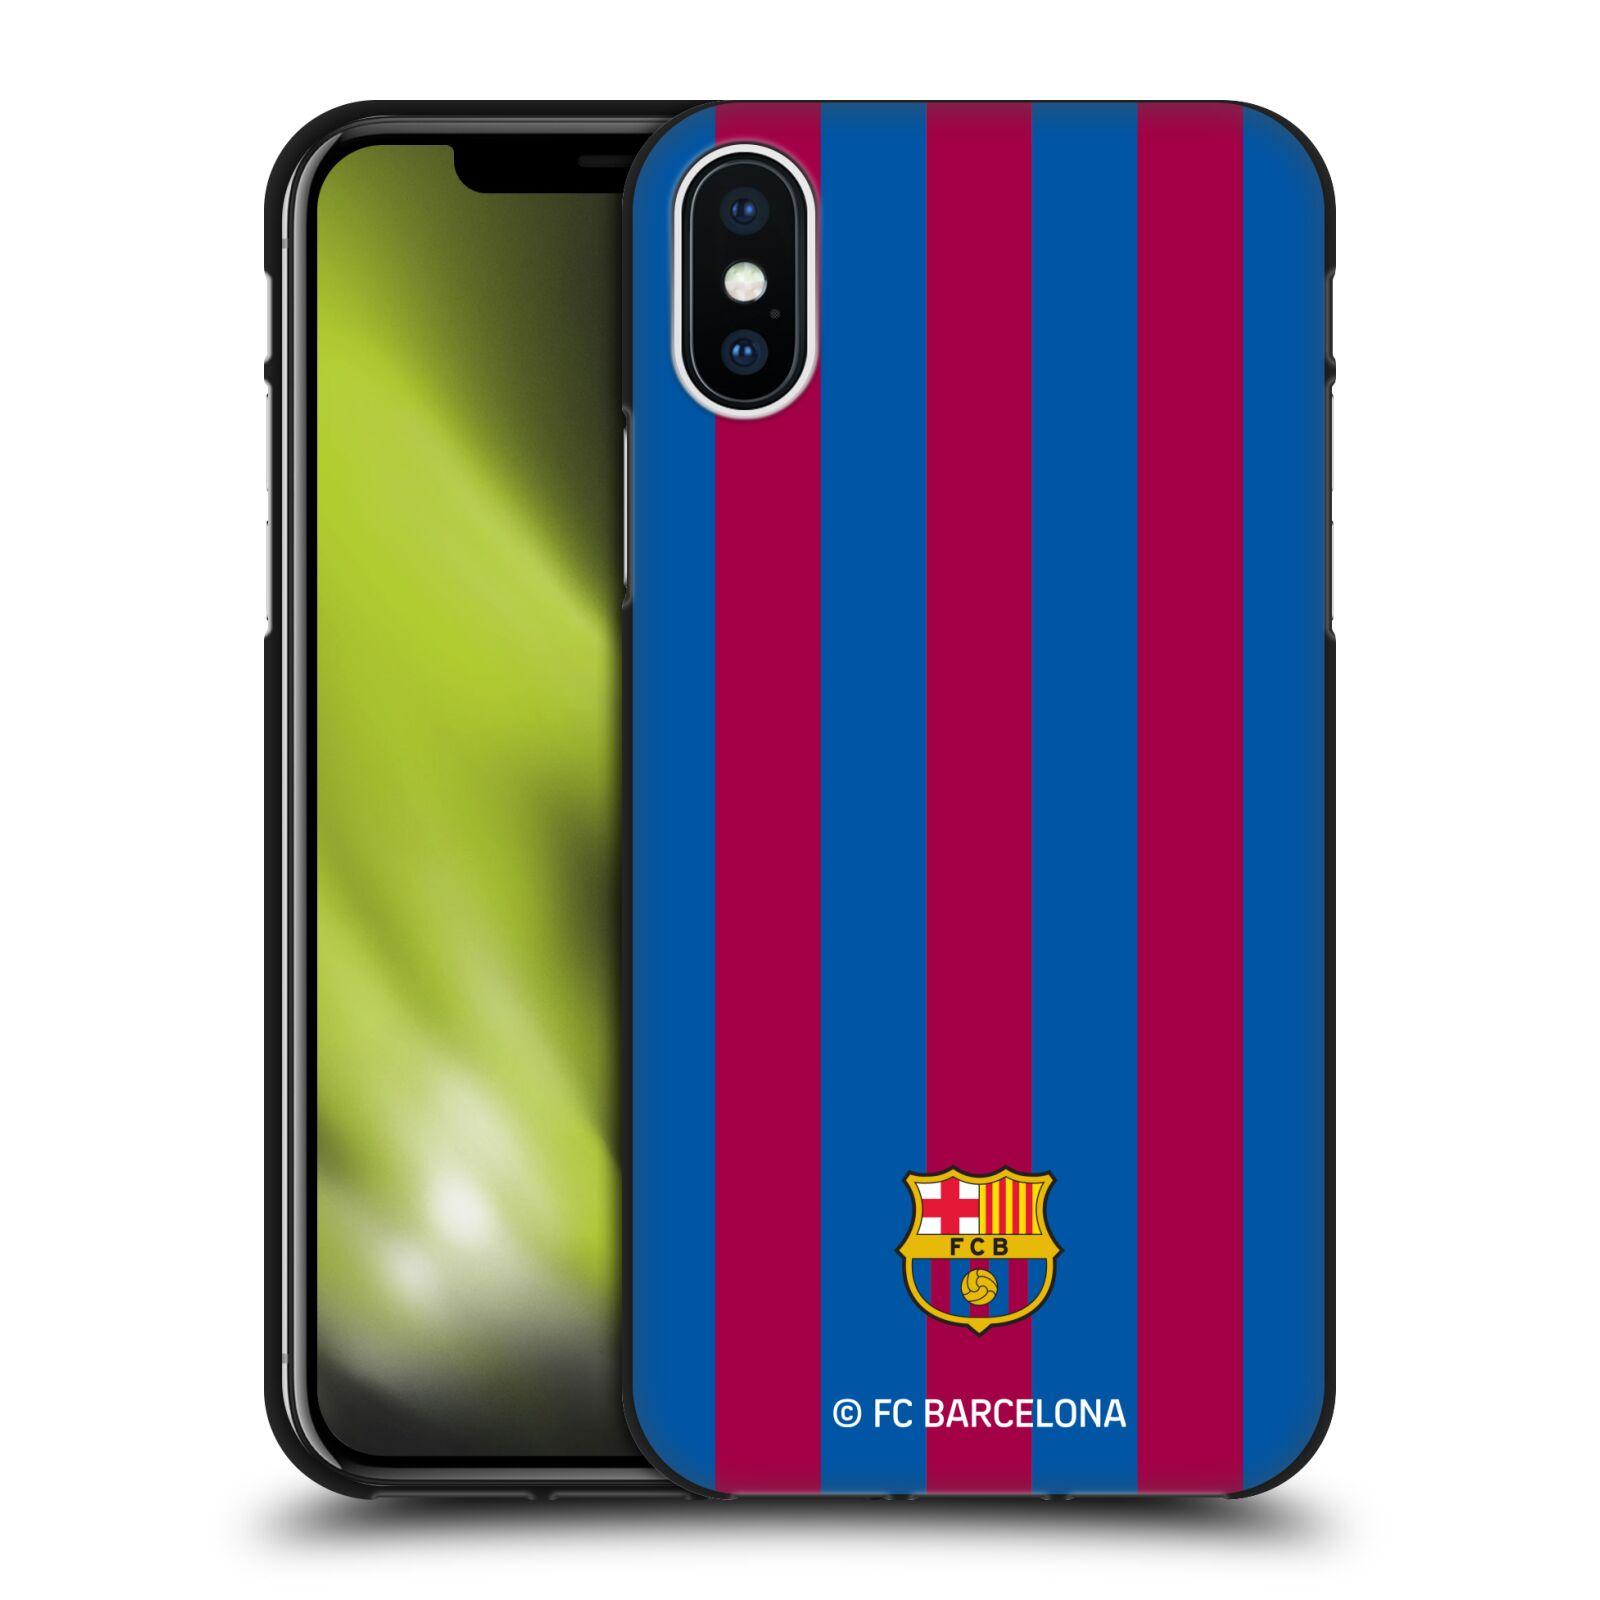 OFFICIAL-FC-BARCELONA-2017-18-CREST-BLACK-SOFT-GEL-CASE-FOR-APPLE-iPHONE-PHONES